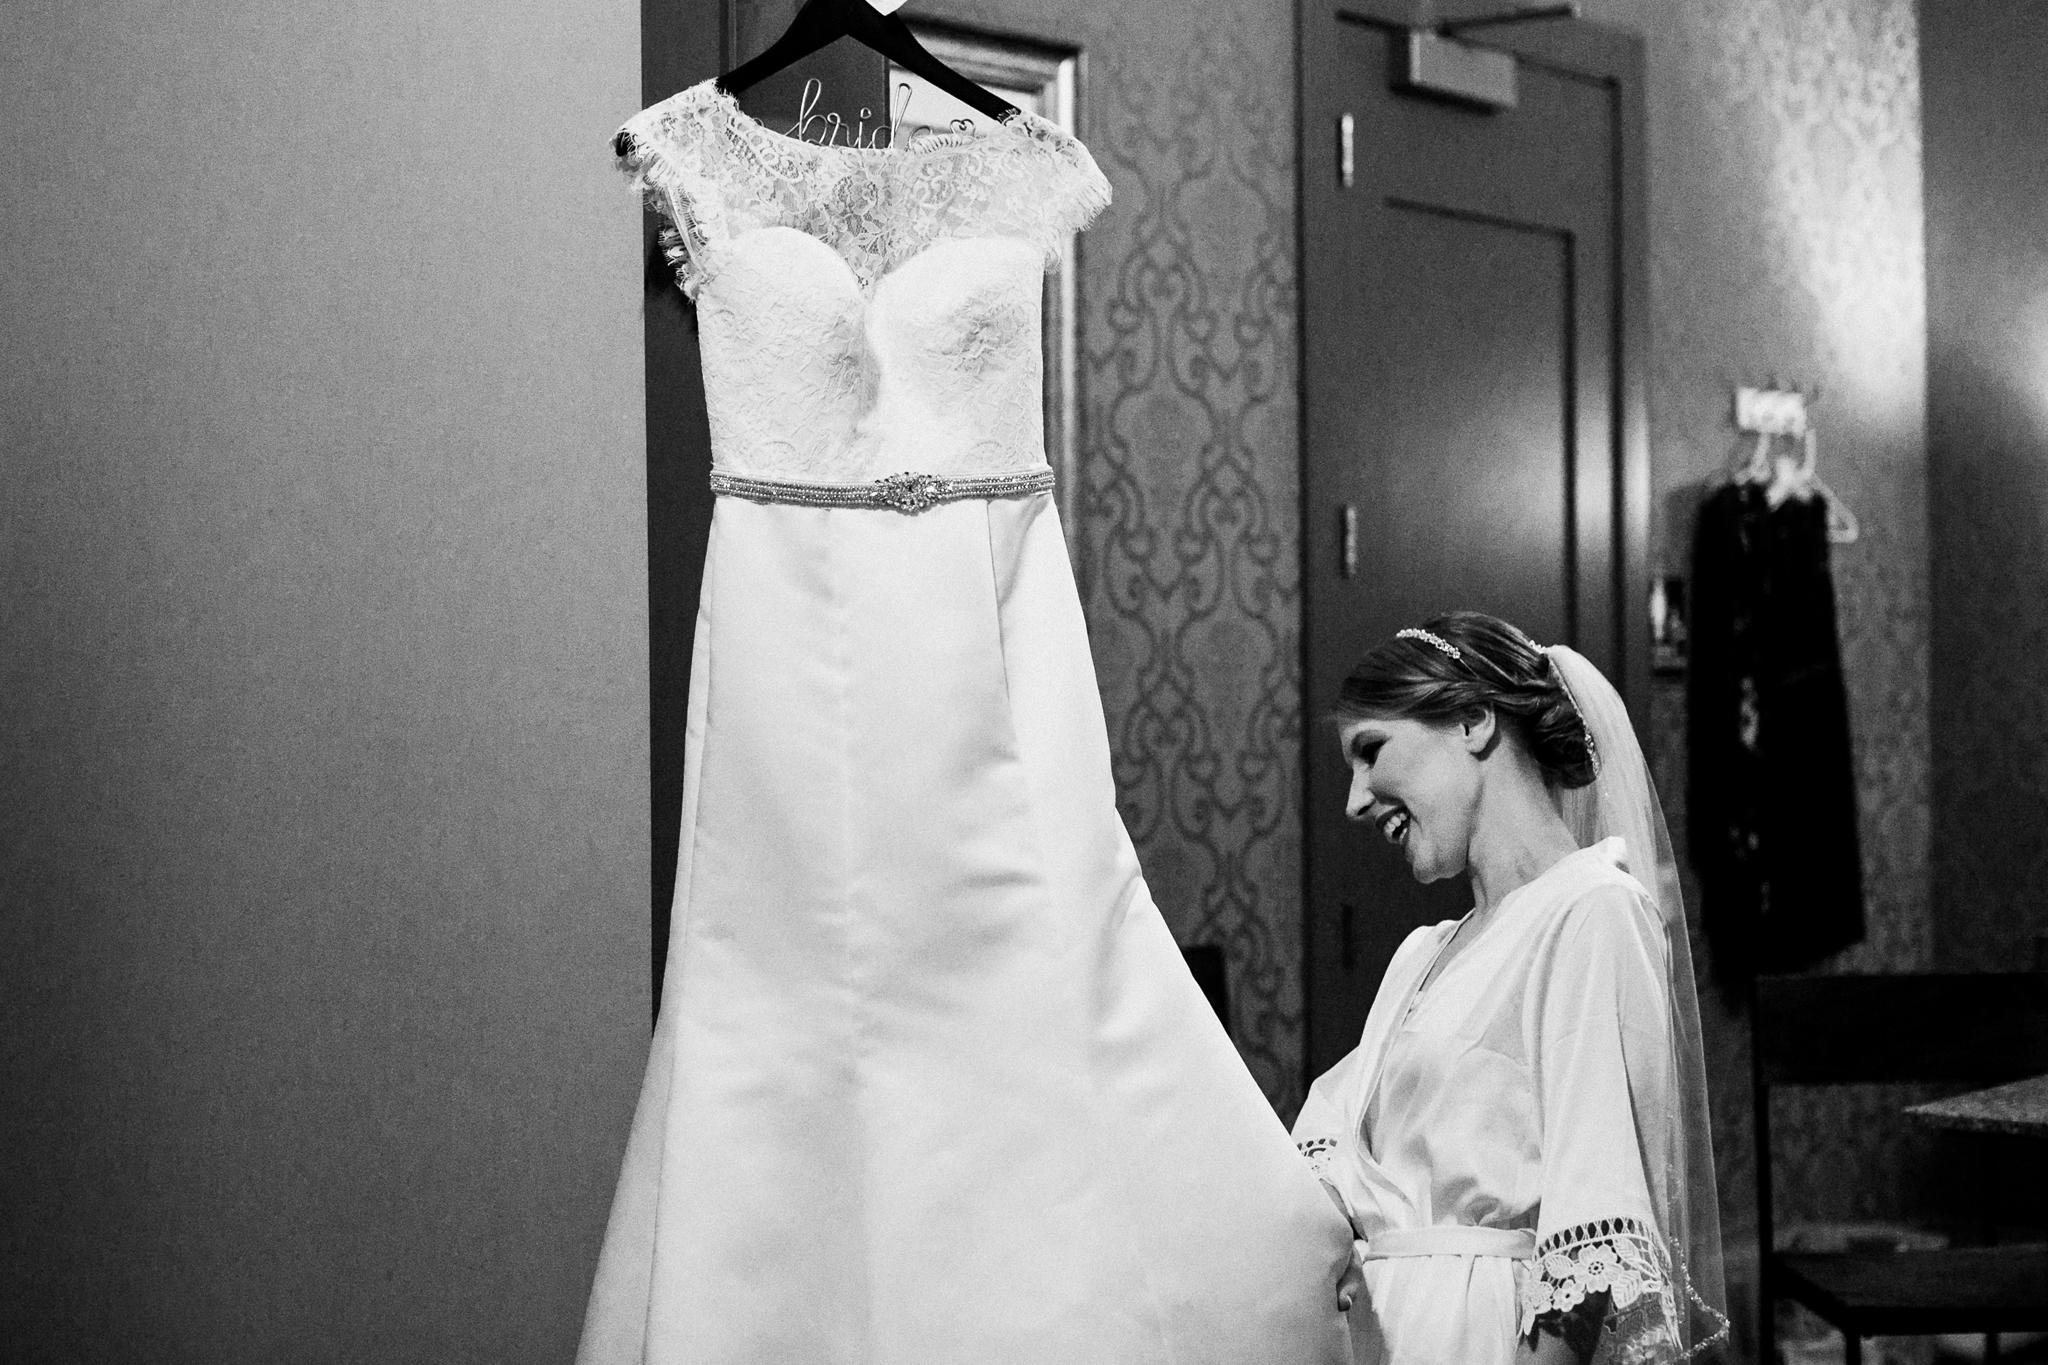 noahs_event_venue_naperville_IL_wedding_photographer_0001.jpg